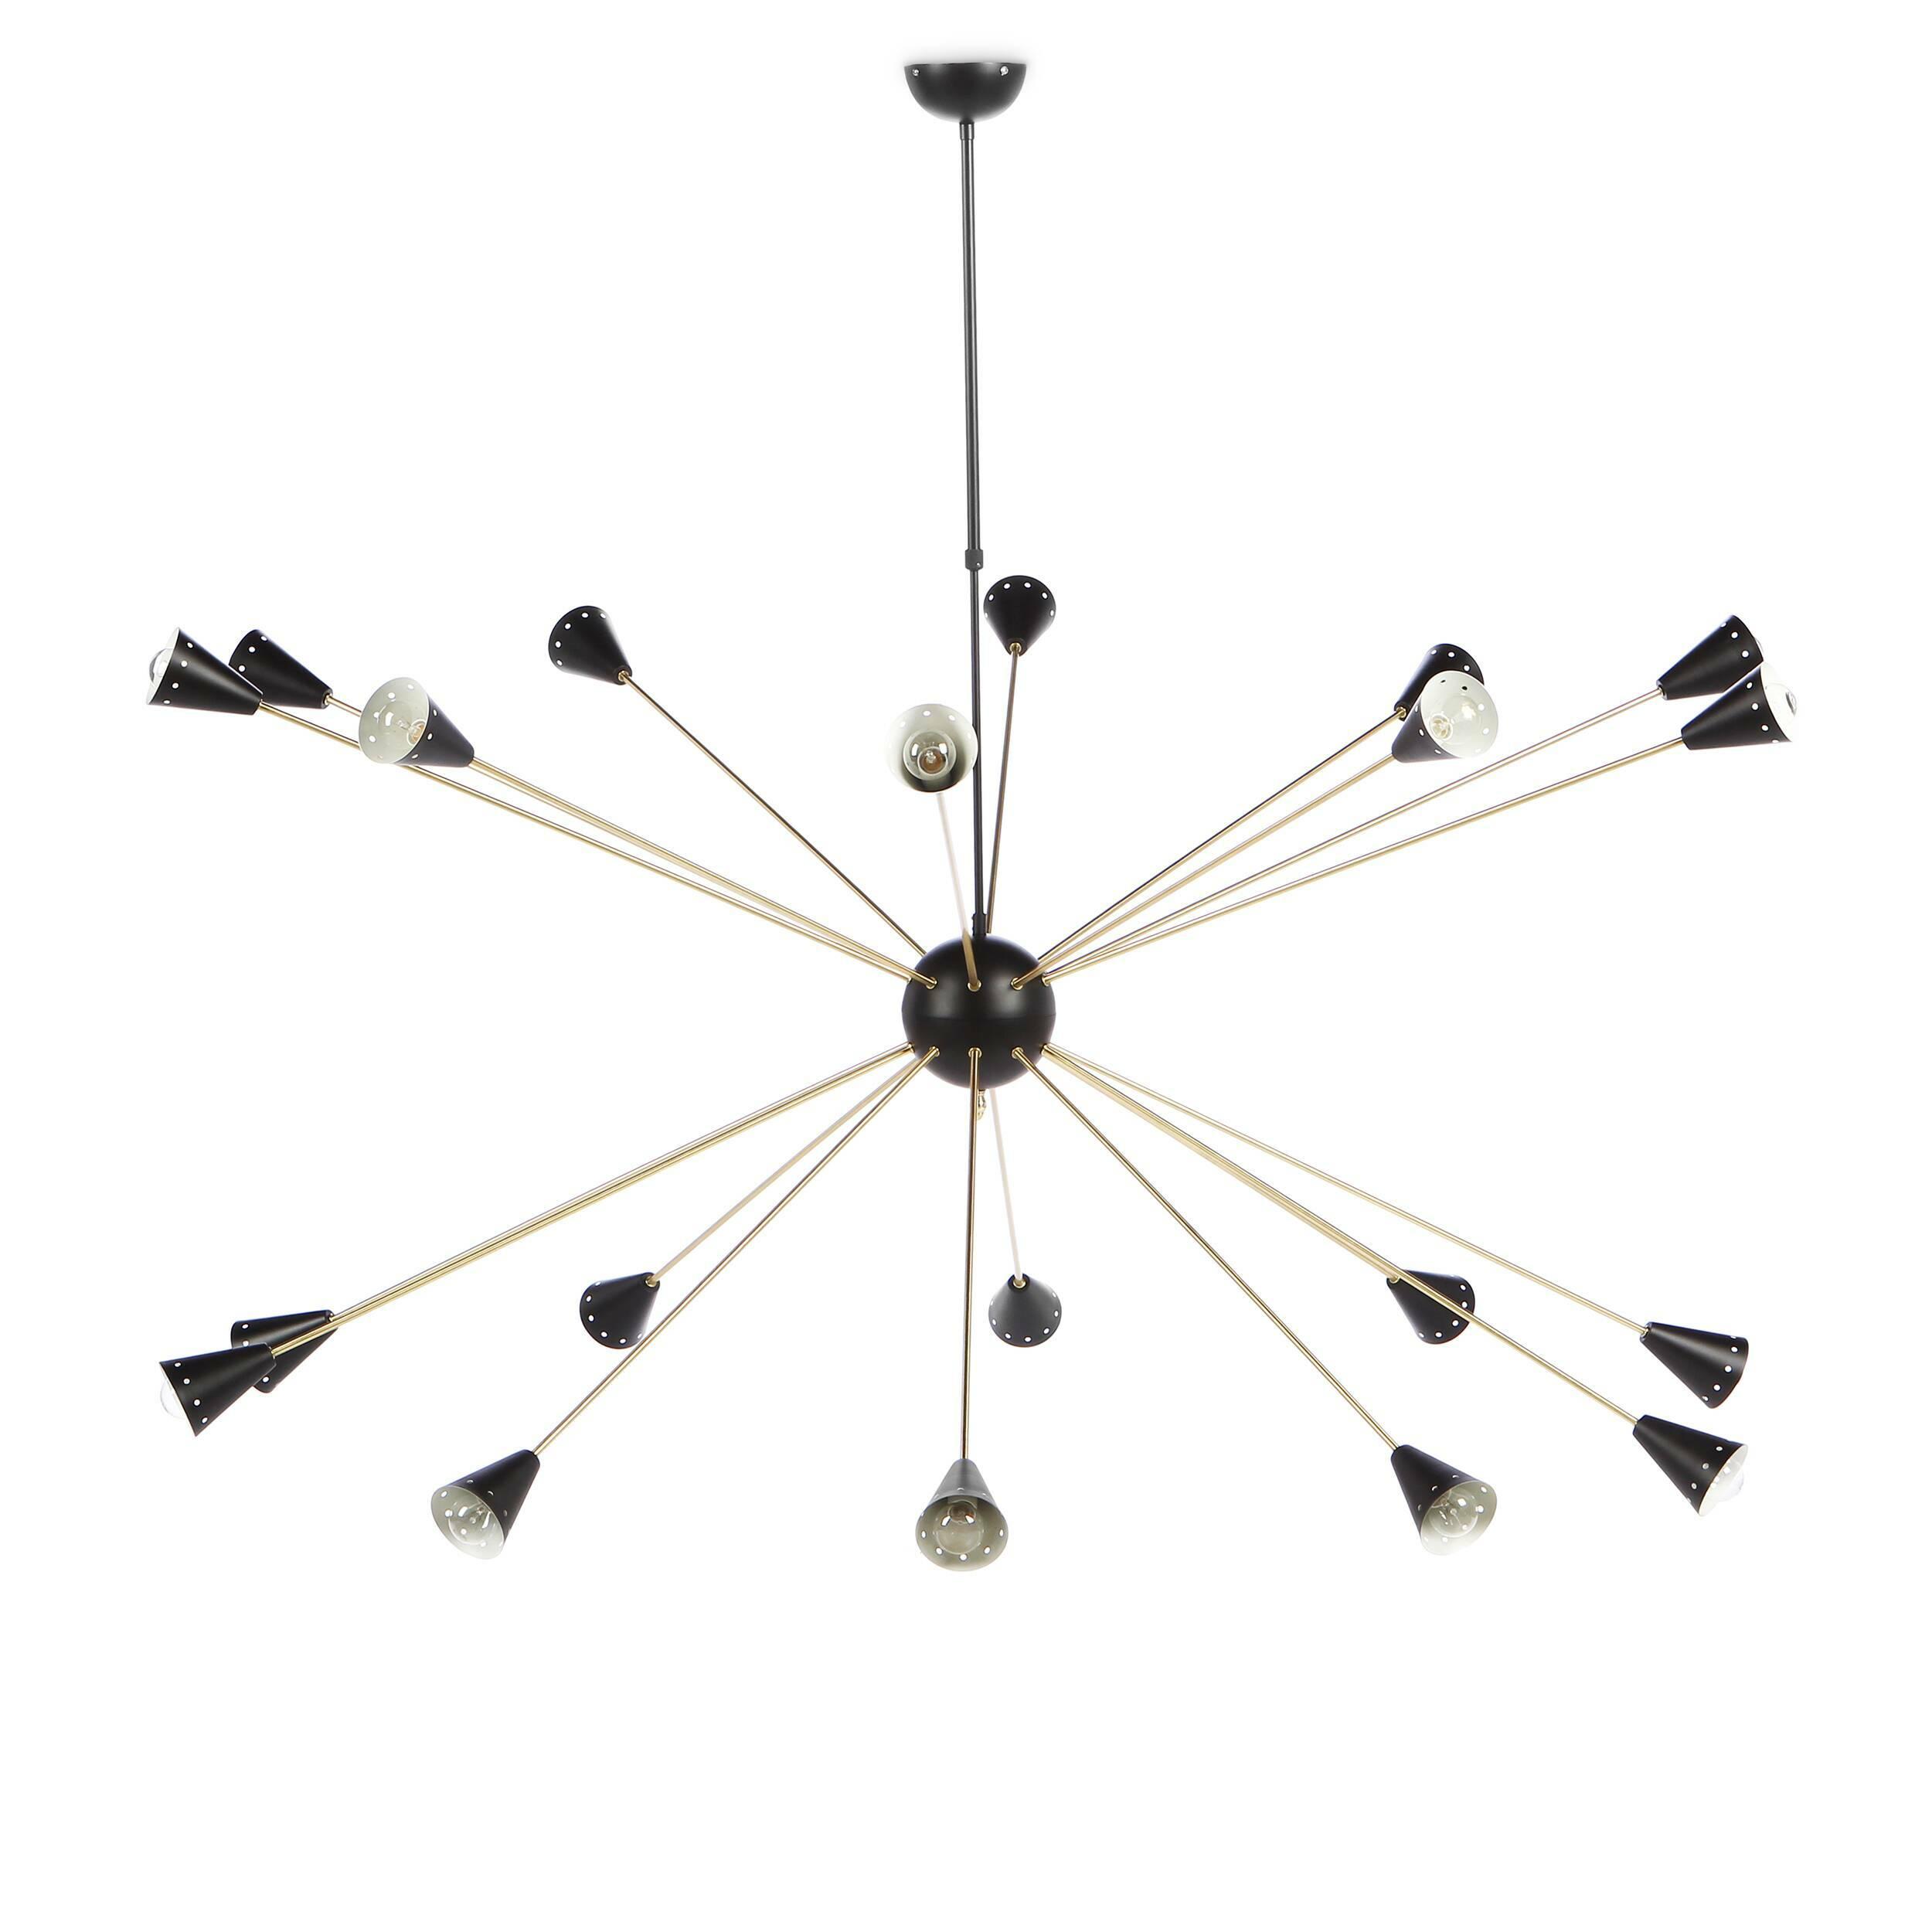 Потолочный светильник Arteriors StyleПотолочные<br>Потолочный светильник Arteriors Style — один из итальянских светильников шестидесятых годов XX века, воссозданный американской компанией Stilnovo. Stilnovo буквально обозначает «новый стиль». Эта марка известна своим необычным подходом к созданию светильников. Прежде всего они не просто делают лампы в стиле модерн, они создают новые направления и задают тон этого стиля уже много лет.<br><br><br> Потолочный светильник Arteriors Style не исключение. Лаконичность и функциональность будто воплощены ...<br><br>stock: 0<br>Высота: 180<br>Диаметр: 180<br>Длина провода: 95-125<br>Количество ламп: 20<br>Материал абажура: Сталь<br>Материал арматуры: Сталь<br>Мощность лампы: 25<br>Ламп в комплекте: Нет<br>Напряжение: 220-240<br>Тип лампы/цоколь: E14<br>Цвет абажура: Черный<br>Цвет арматуры: Латунь<br>Цвет провода: Черный